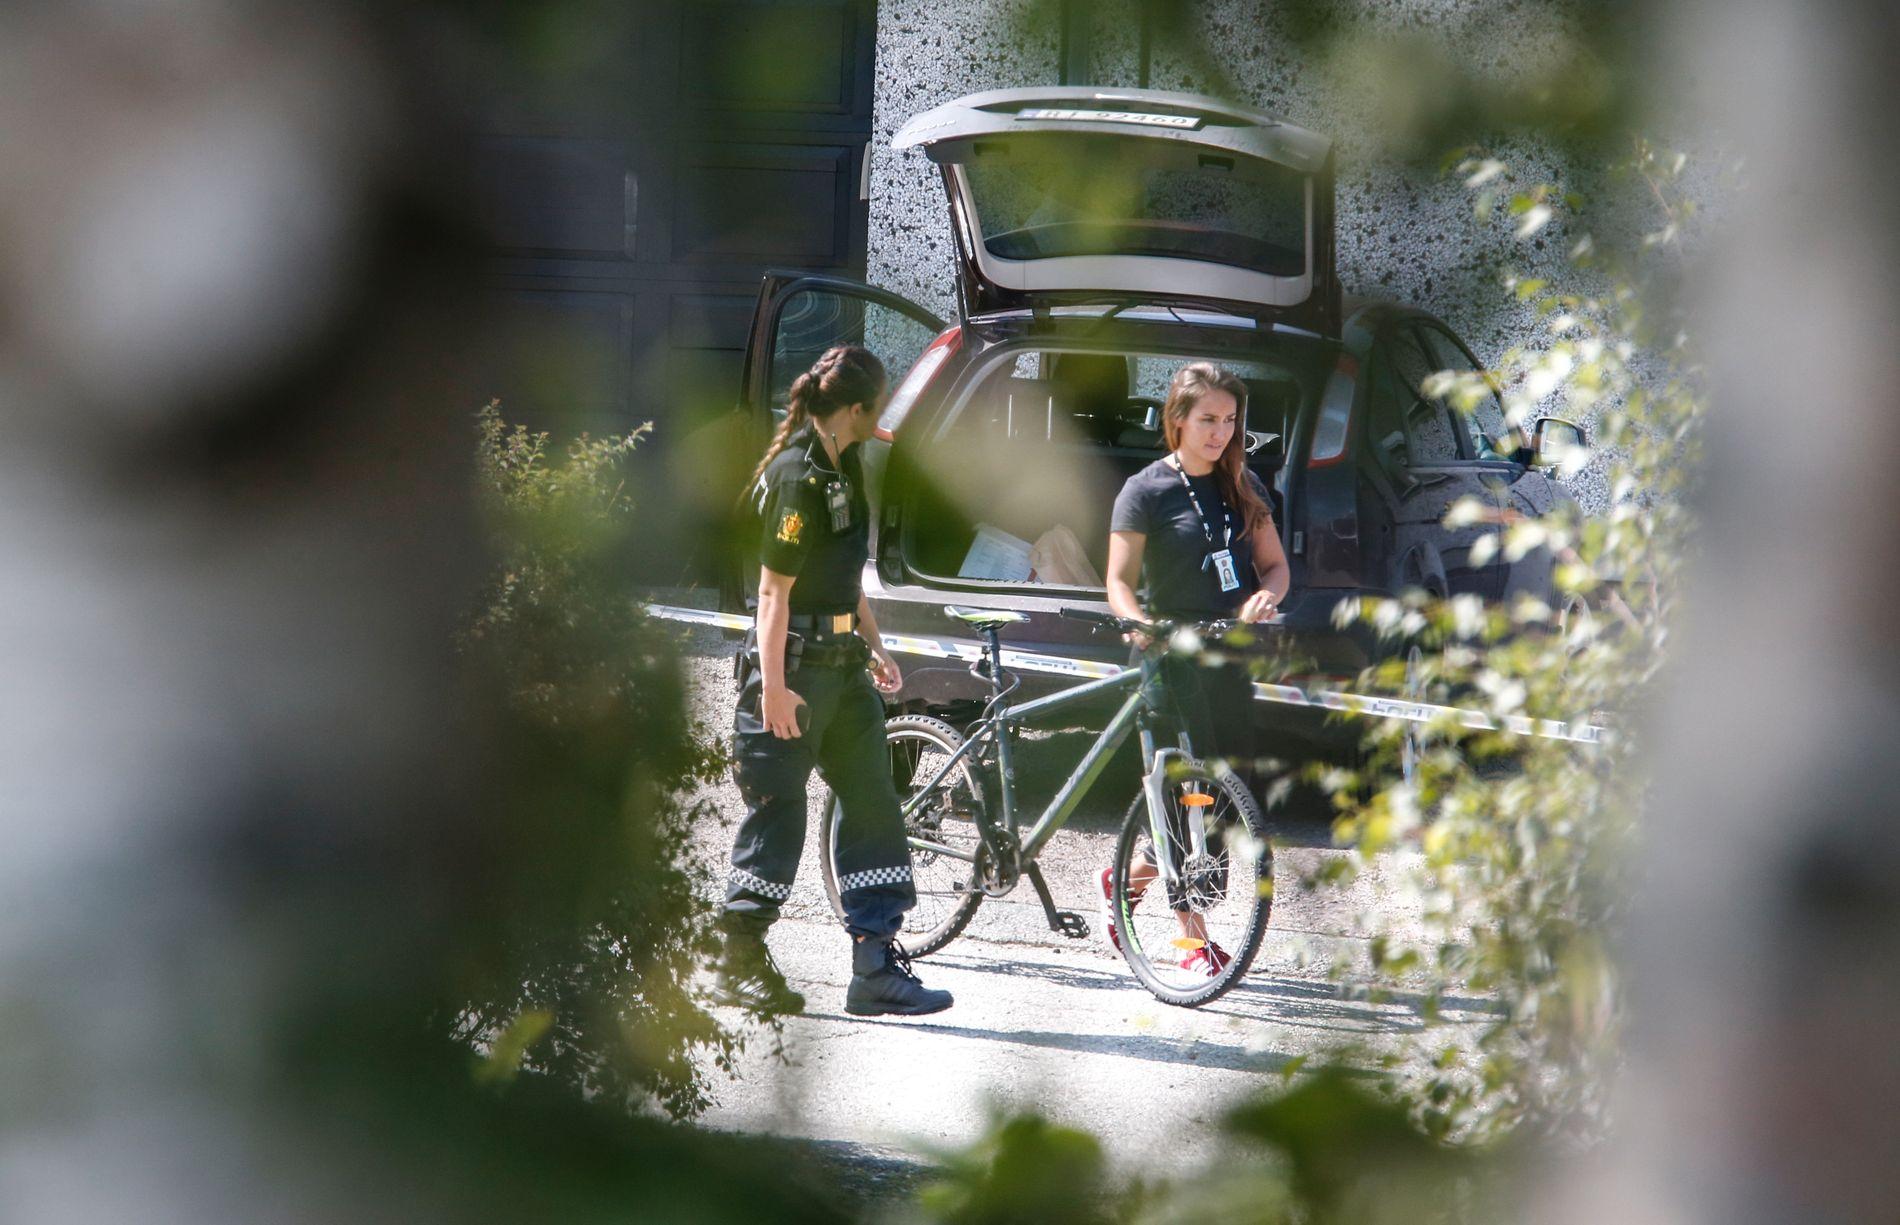 HENTET SYKKEL: Politiet hentet onsdag ettermiddag ut en sykkel fra garasjen der siktede bor.